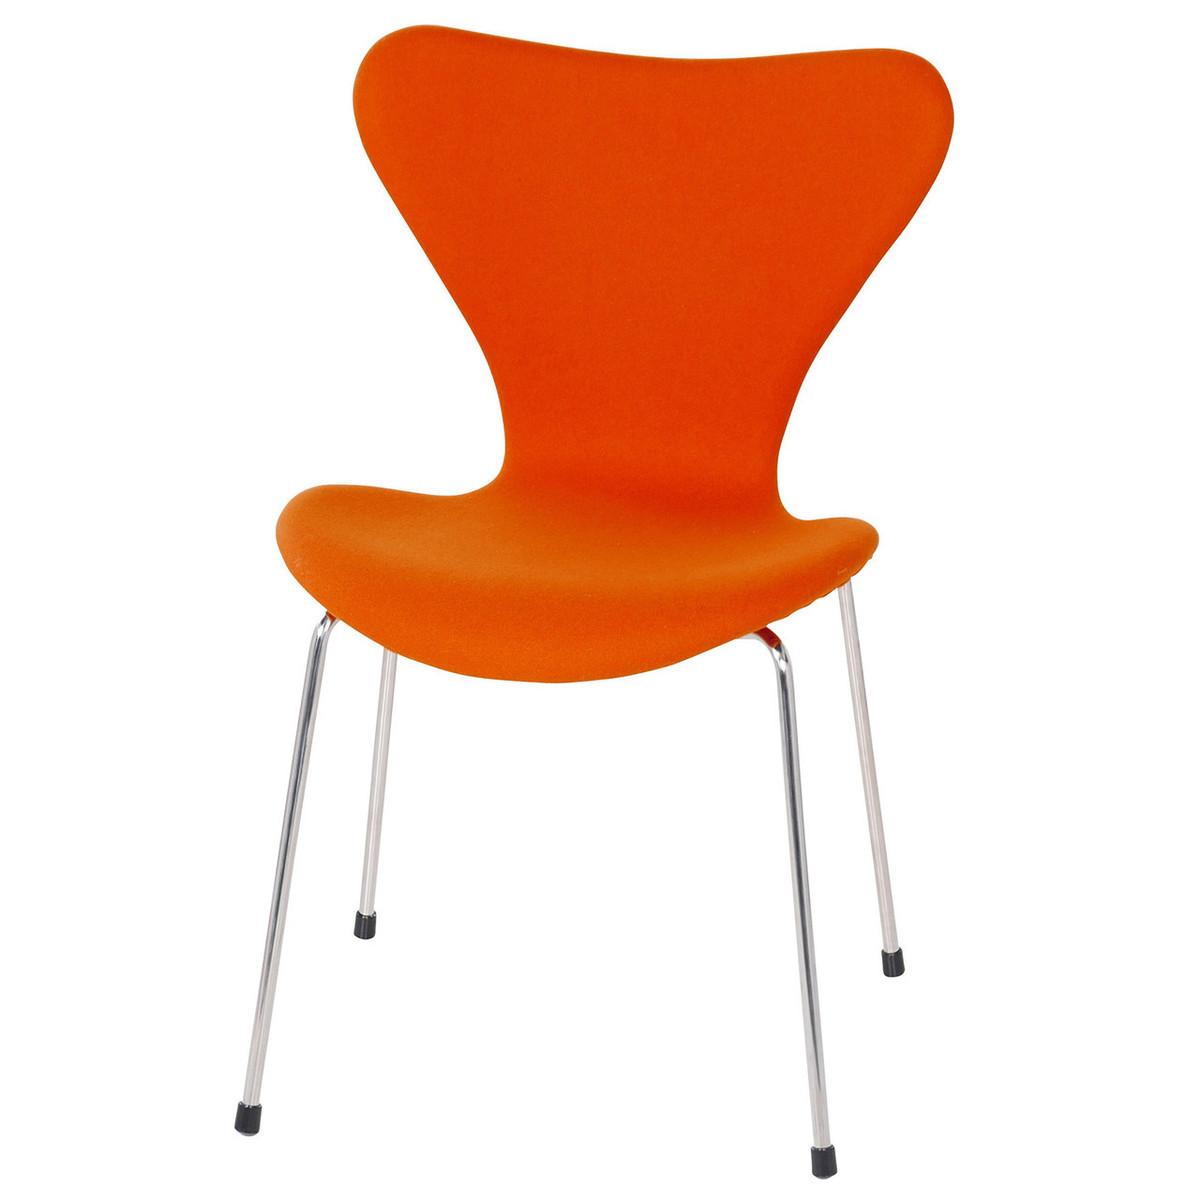 Series 7 Vintage Orange Wool Side Chair Metal Legs